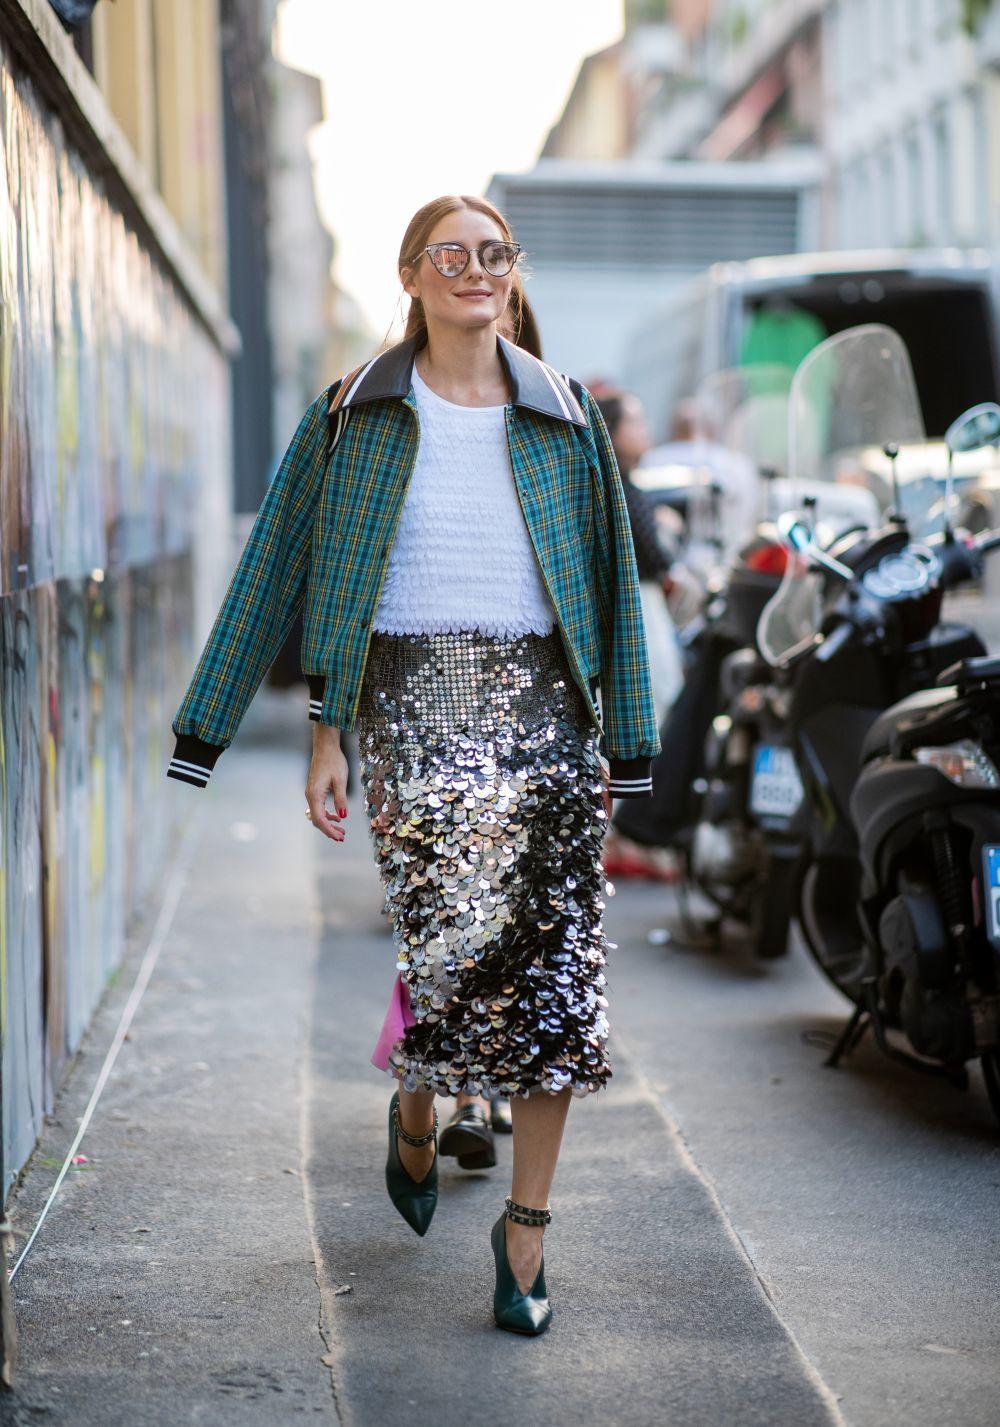 bf9b46476 Estas son las 5 faldas que Olivia Palermo dice que hay que tener ...